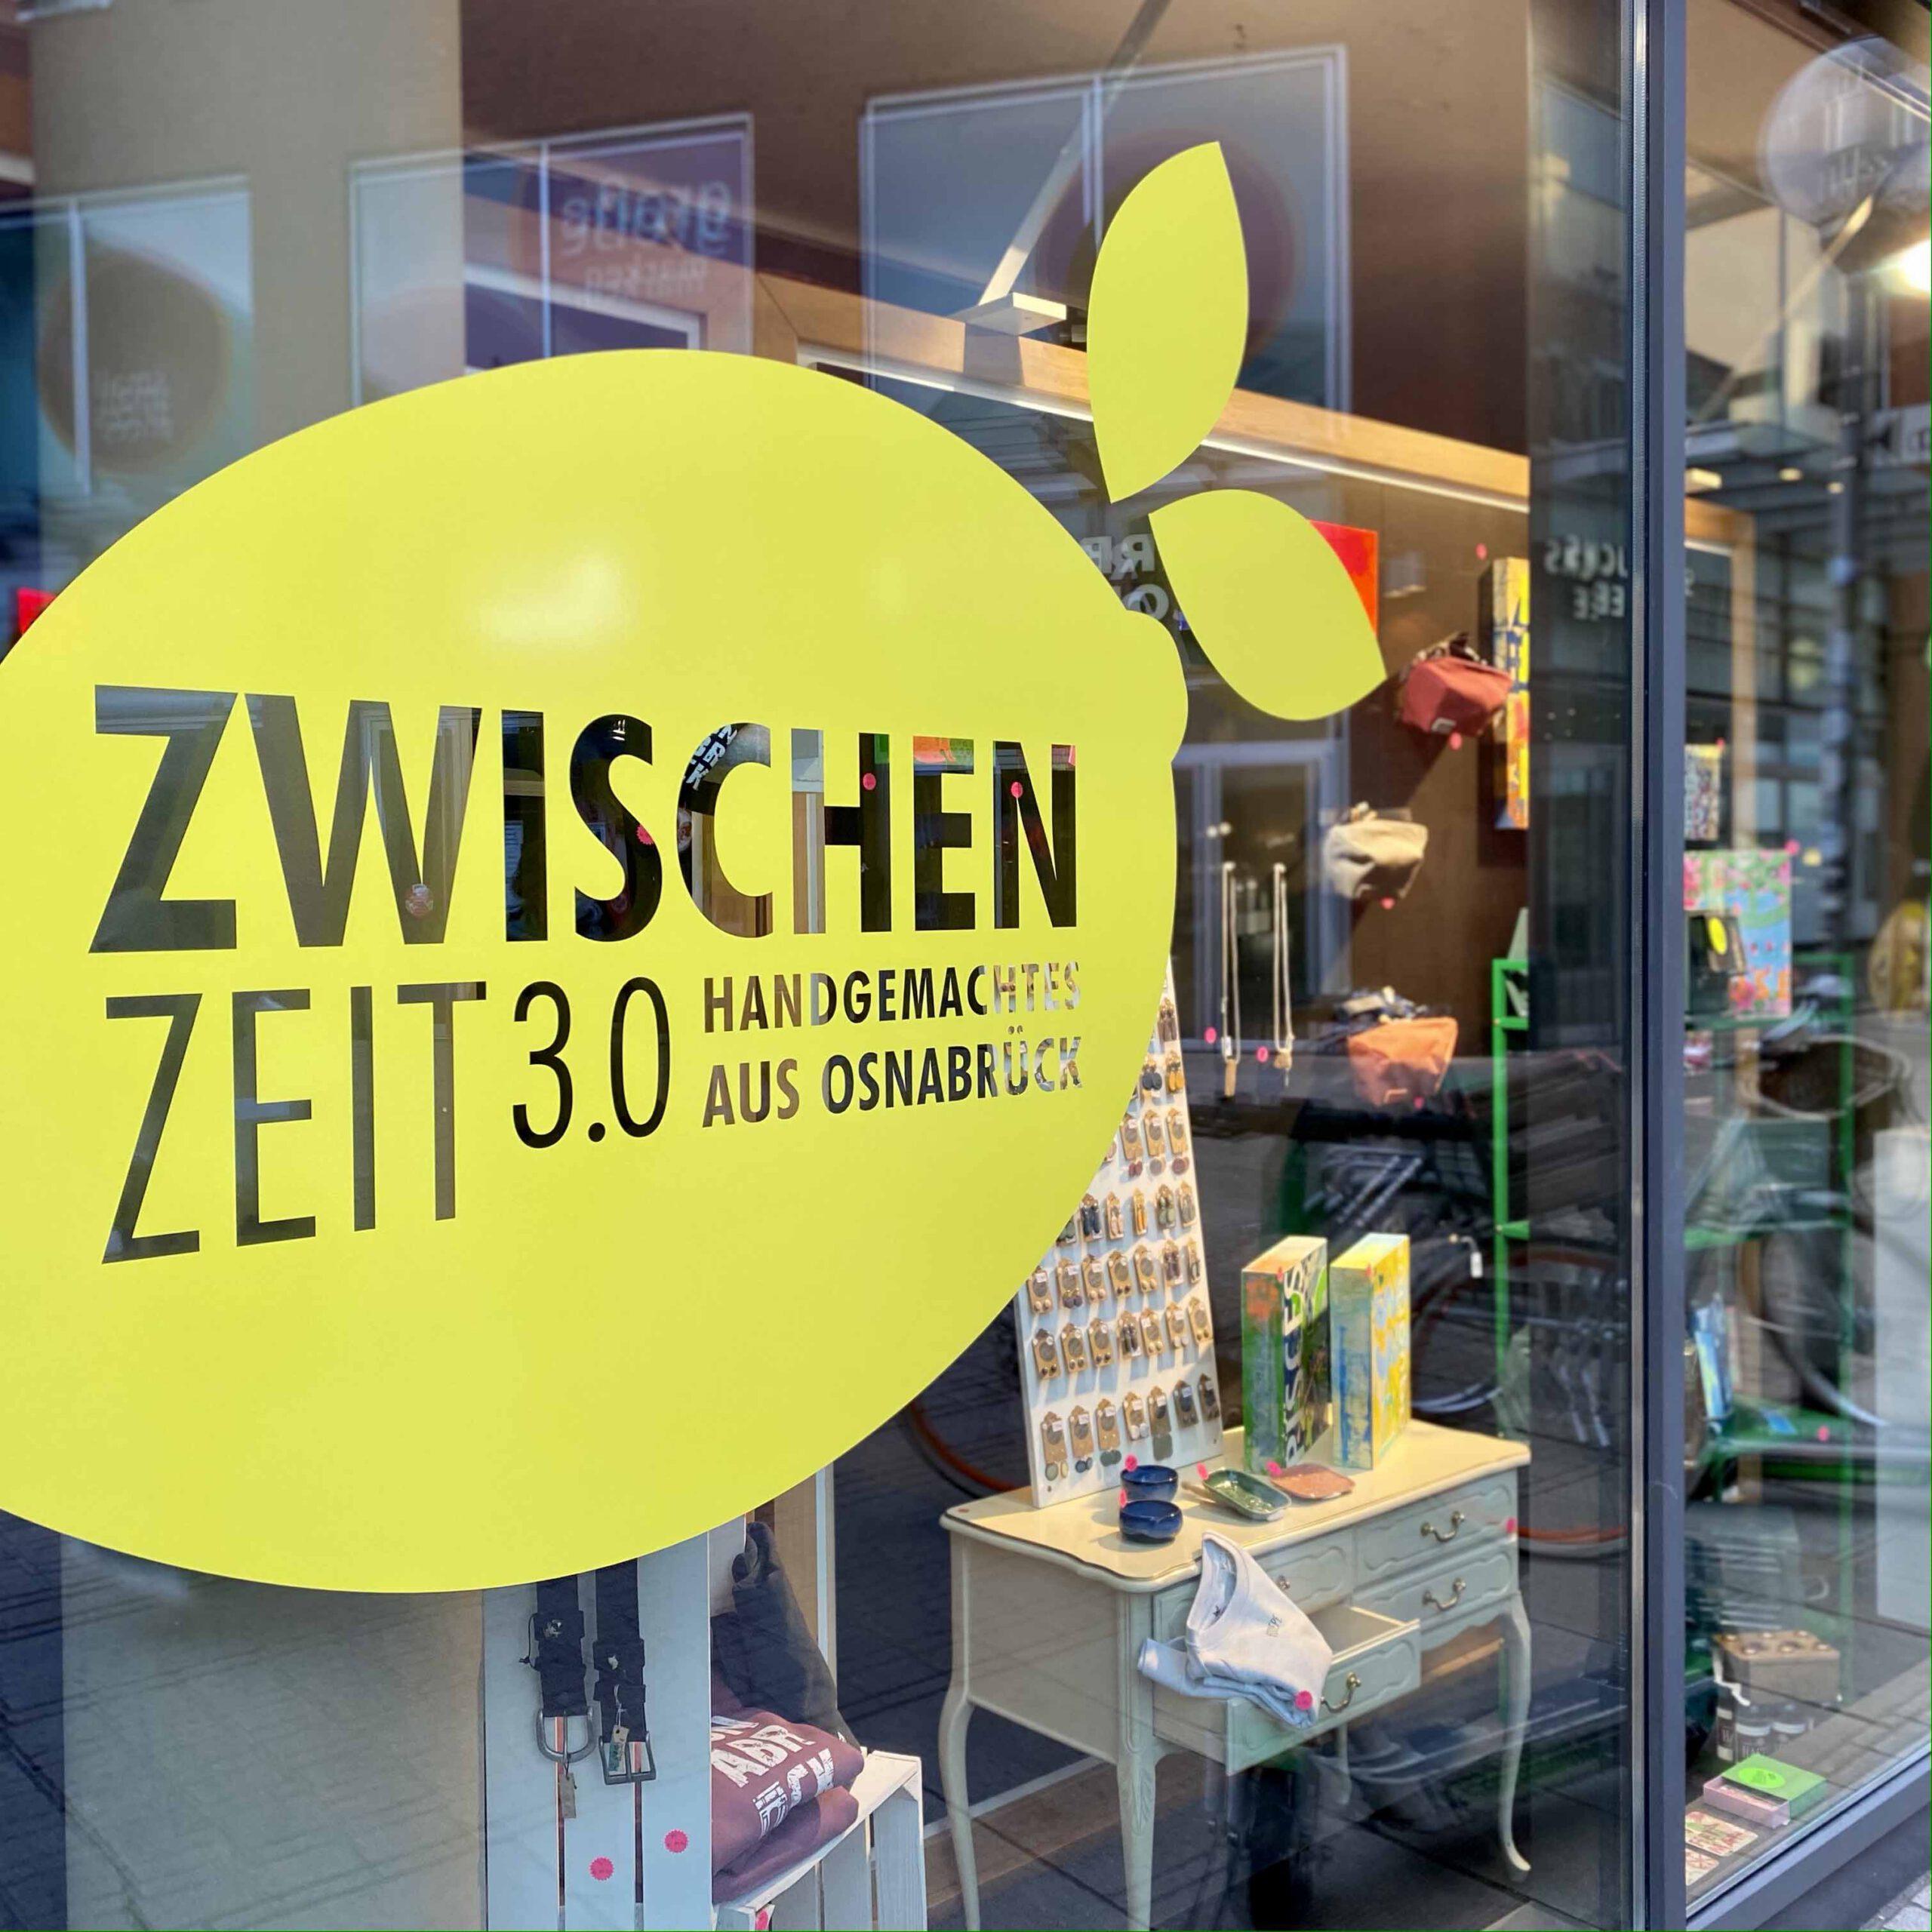 Pop-up-Store Zwischenzeit 3.0 an der Kamp-Promenade in Osnabrück